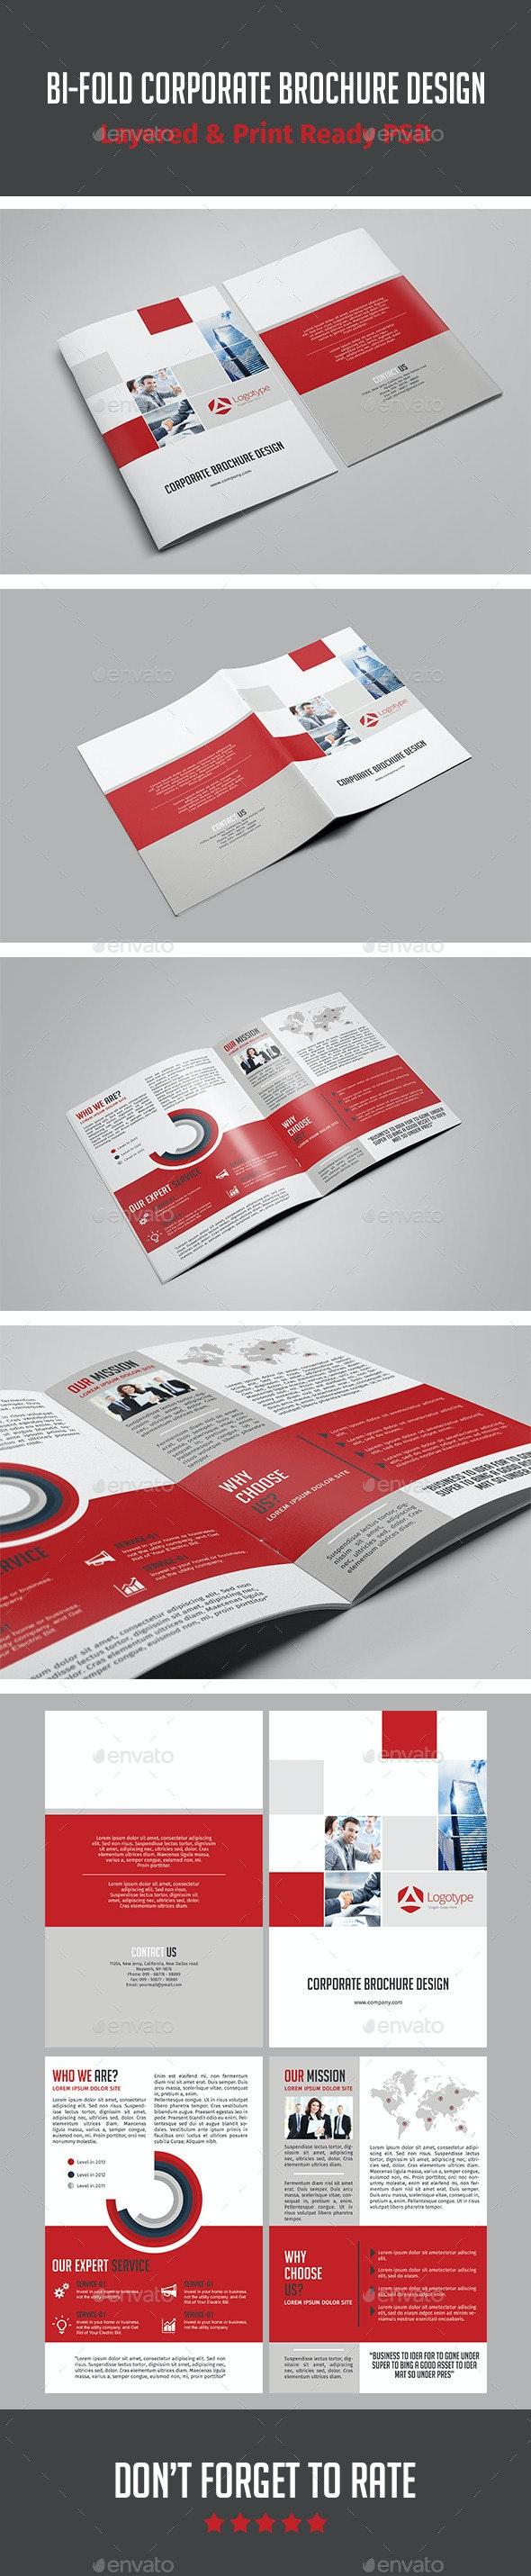 Bi-fold Corporate Brochure Design - Corporate Brochures